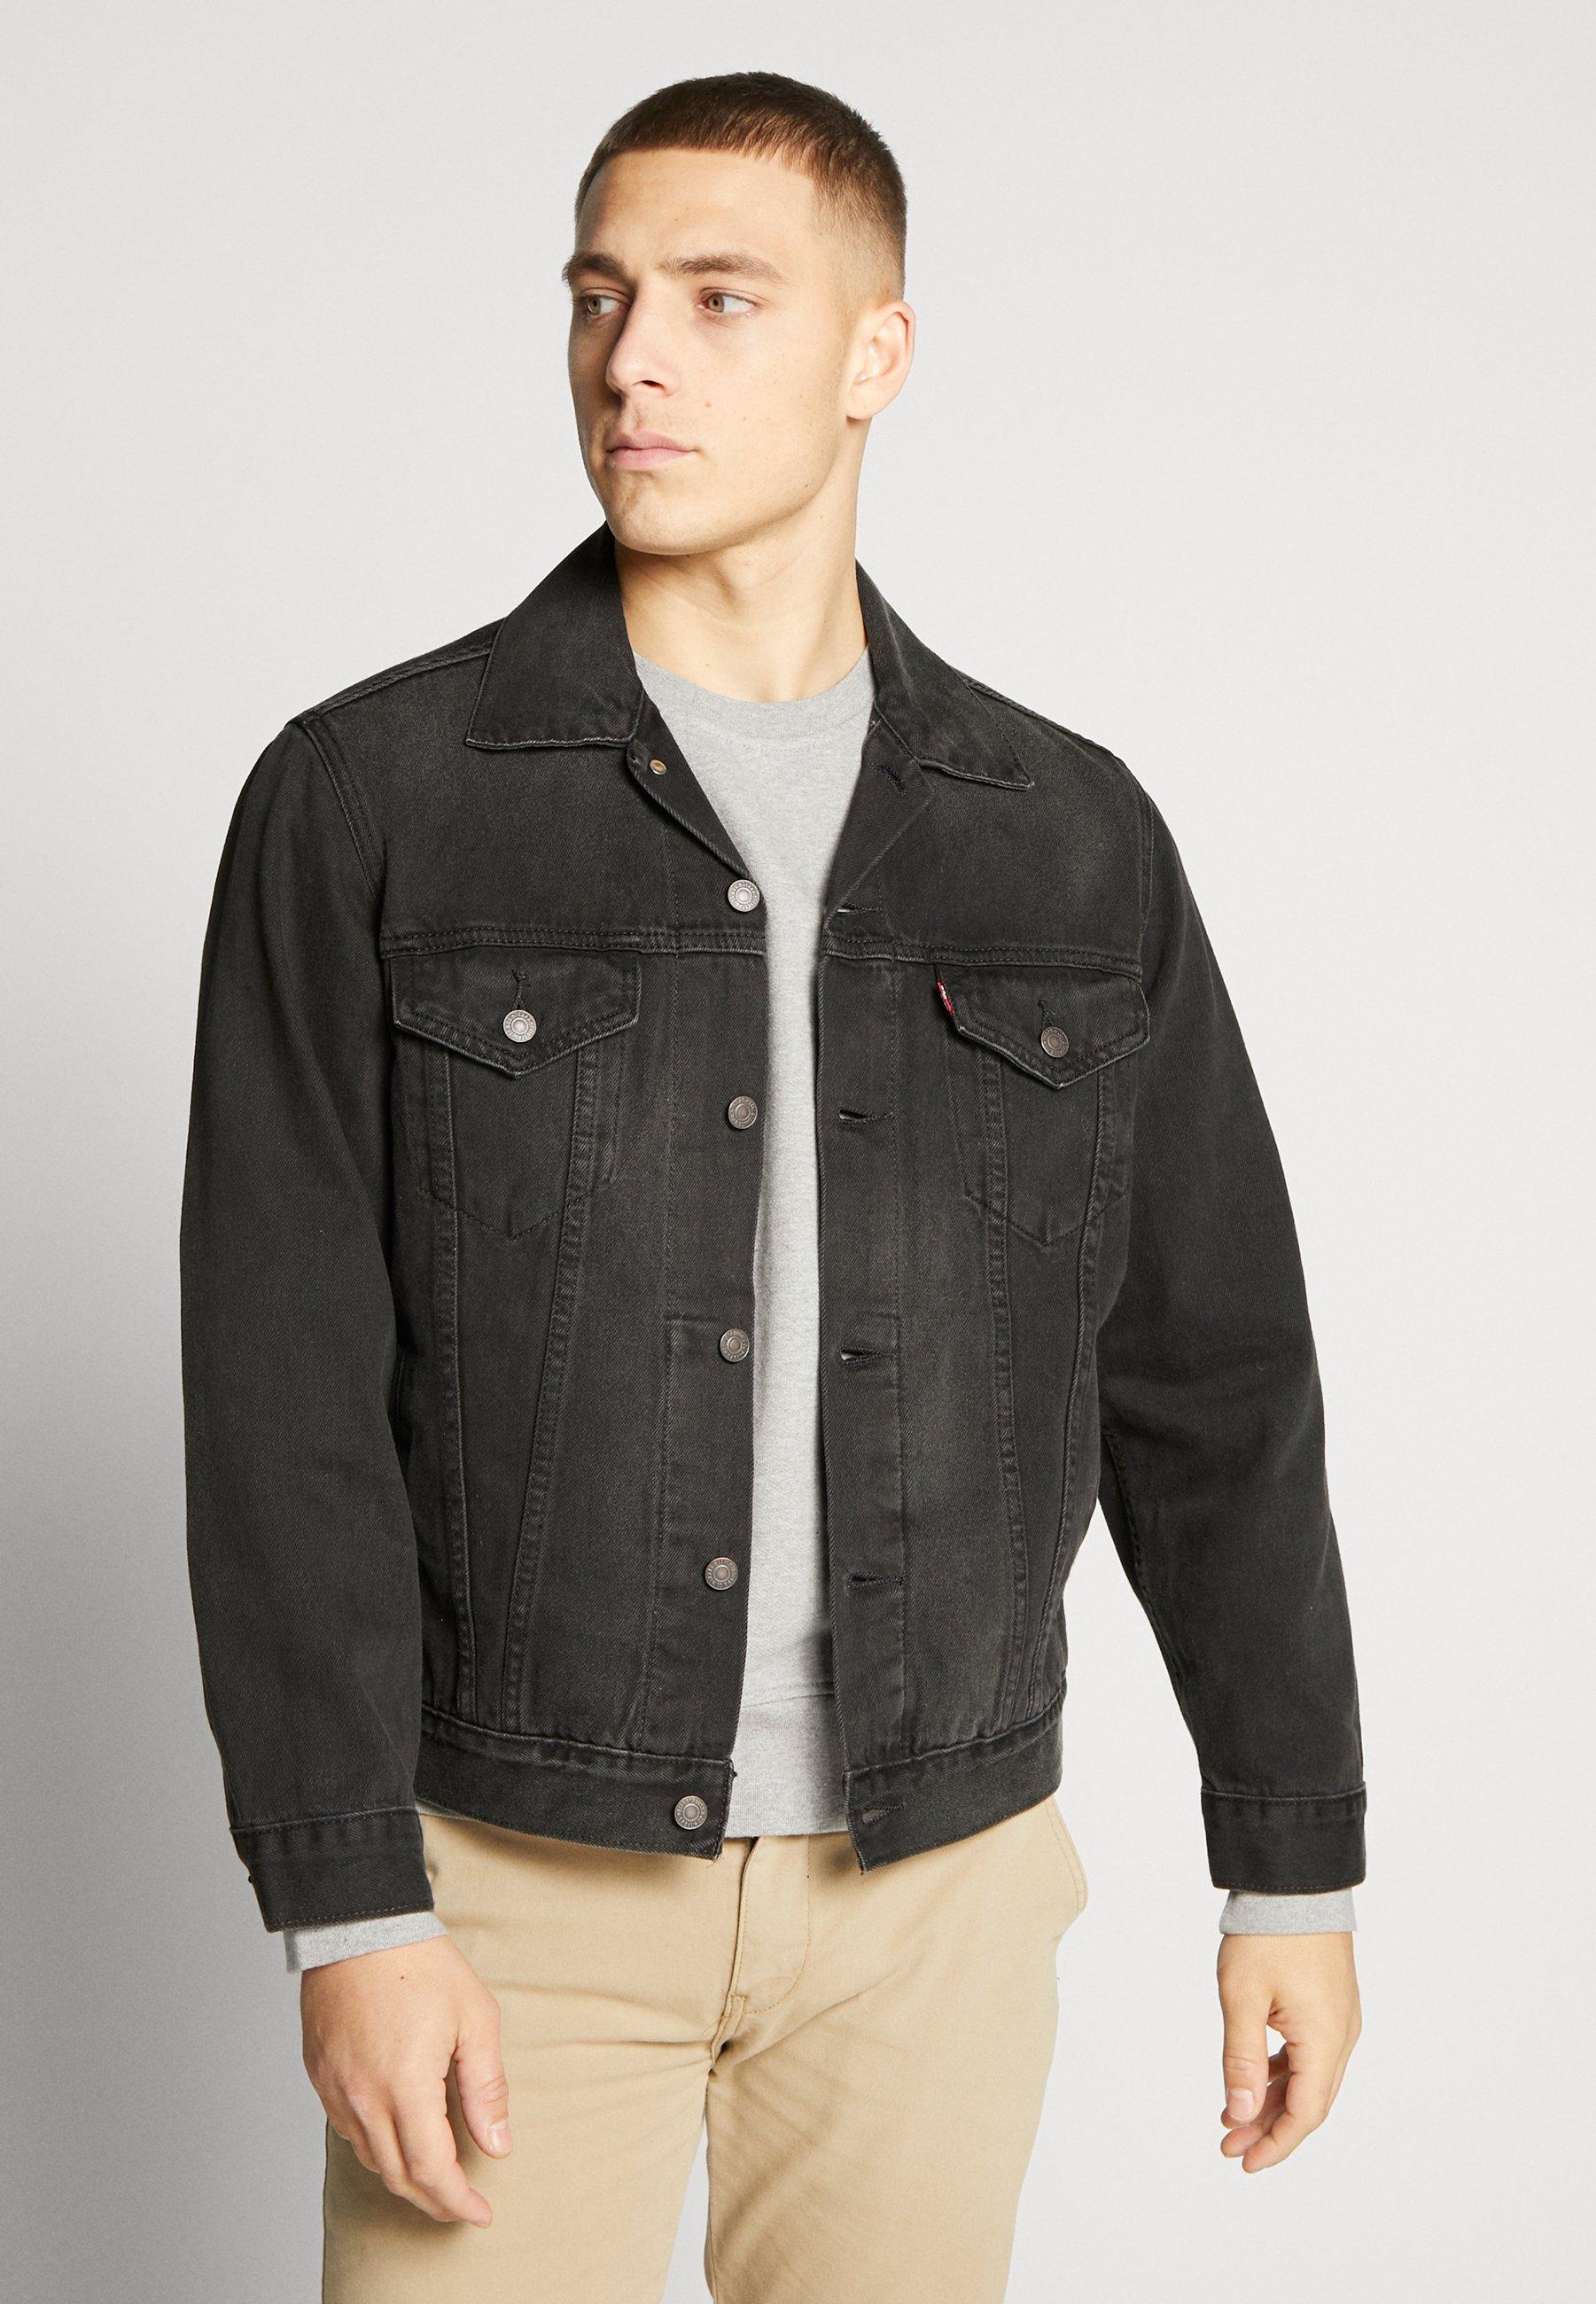 Levi's veste en jean Vintage Fit Trucker Unisex - Noir